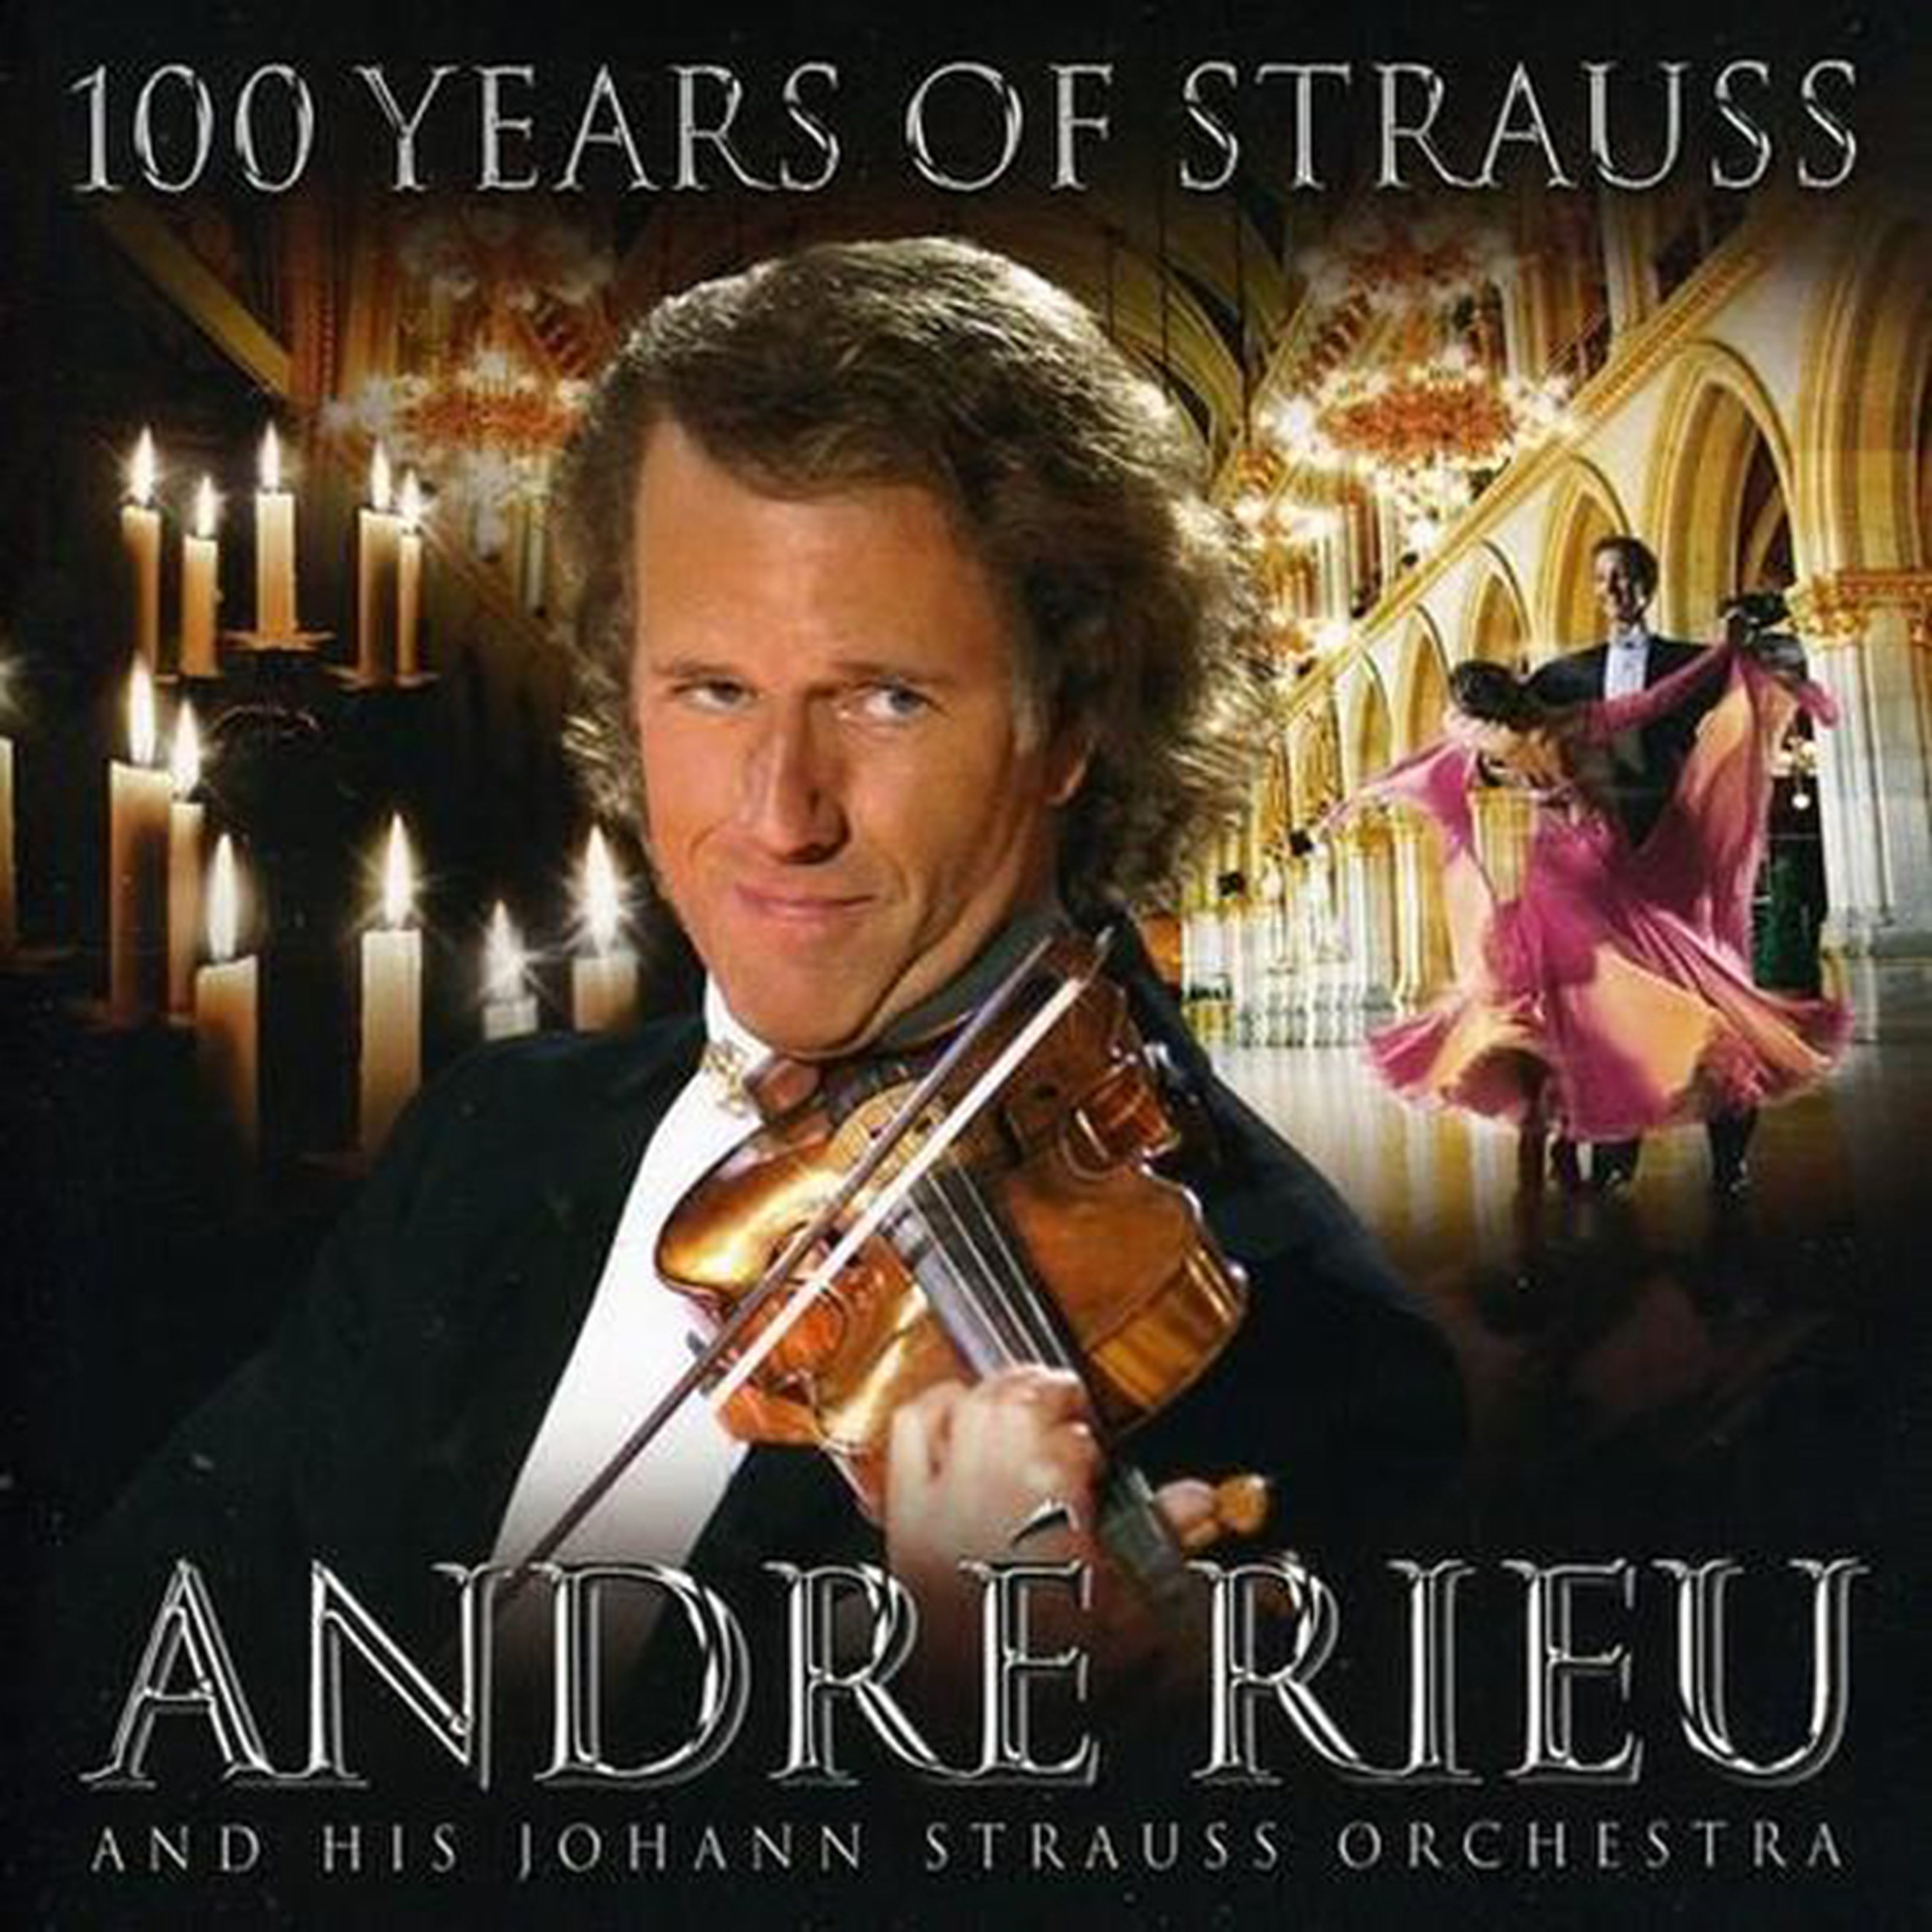 100 Years of Strauss - 1